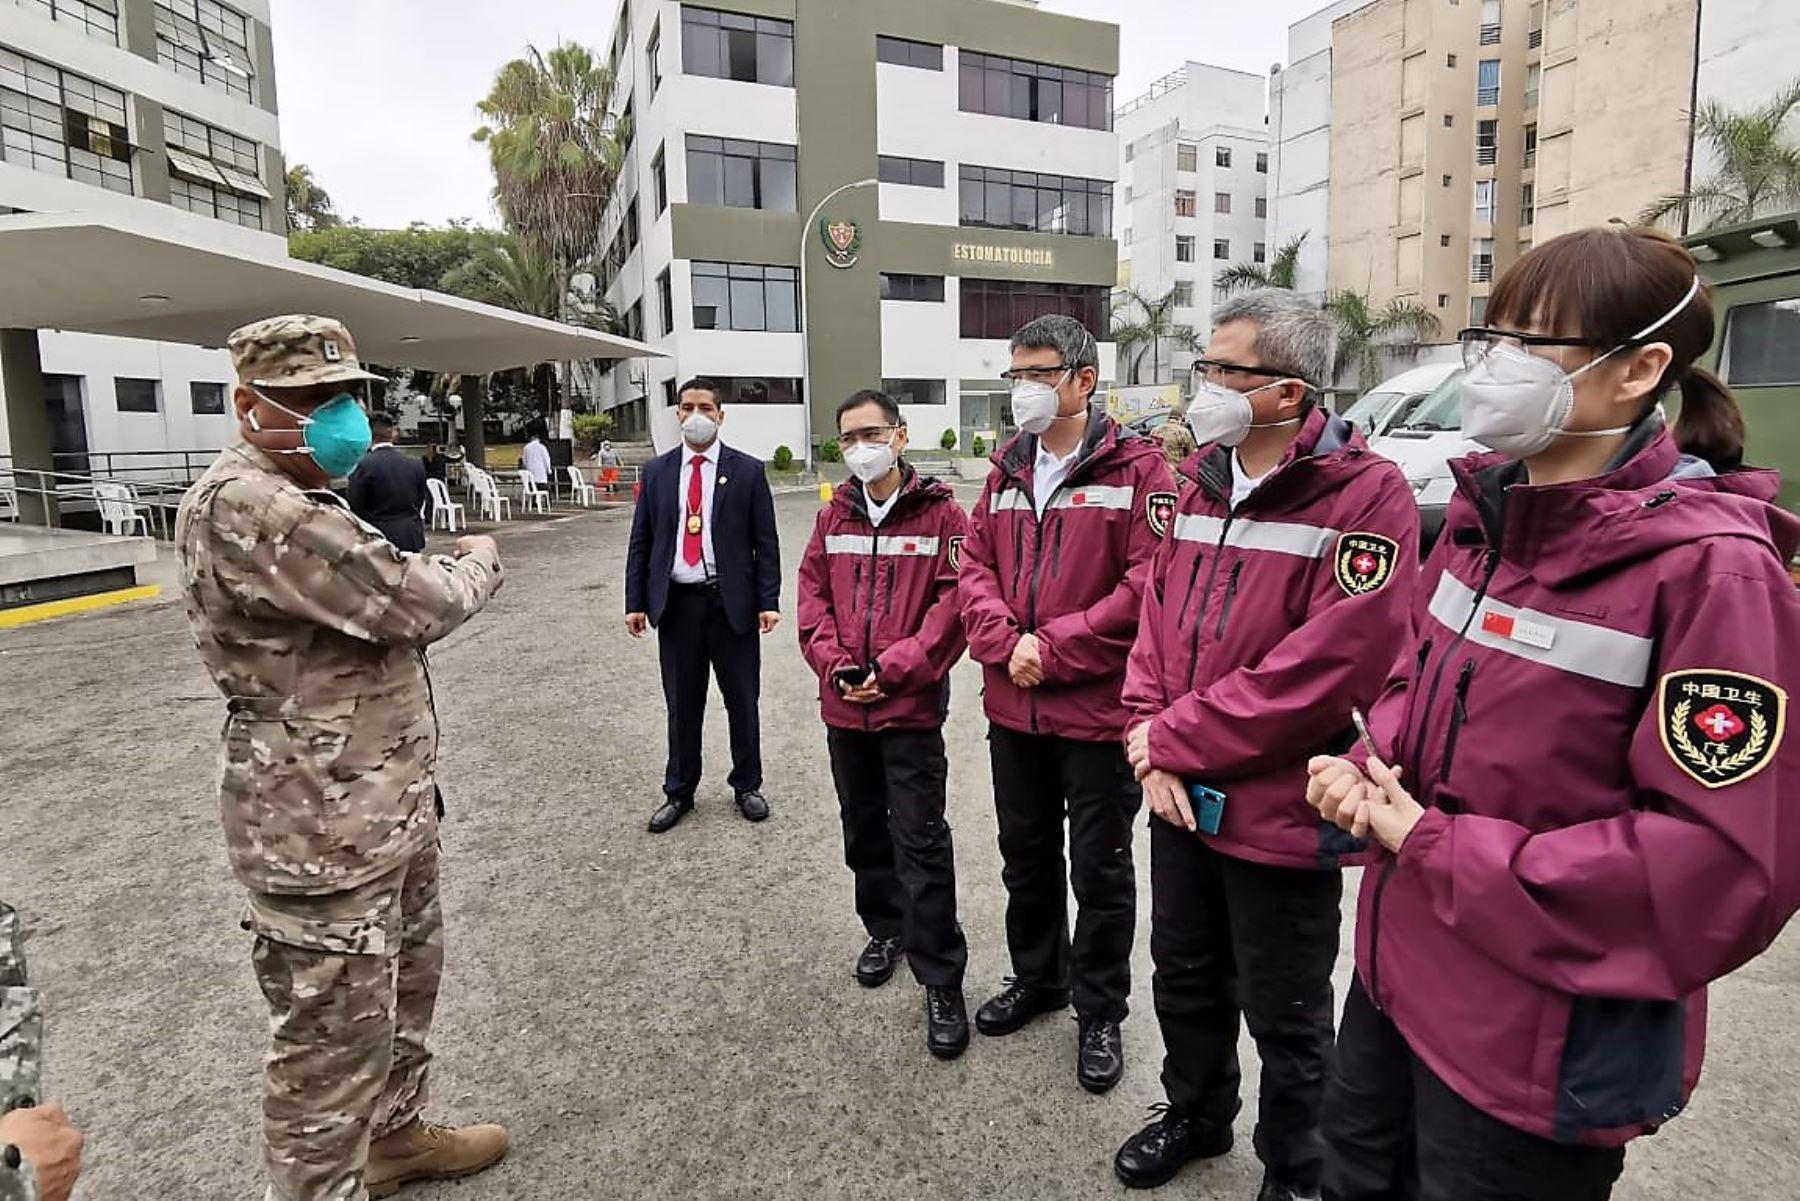 Delegación de expertos chinos en la lucha contra el covid-19 recorrieron hoy las instalaciones del Hospital Central Militar en Lima.